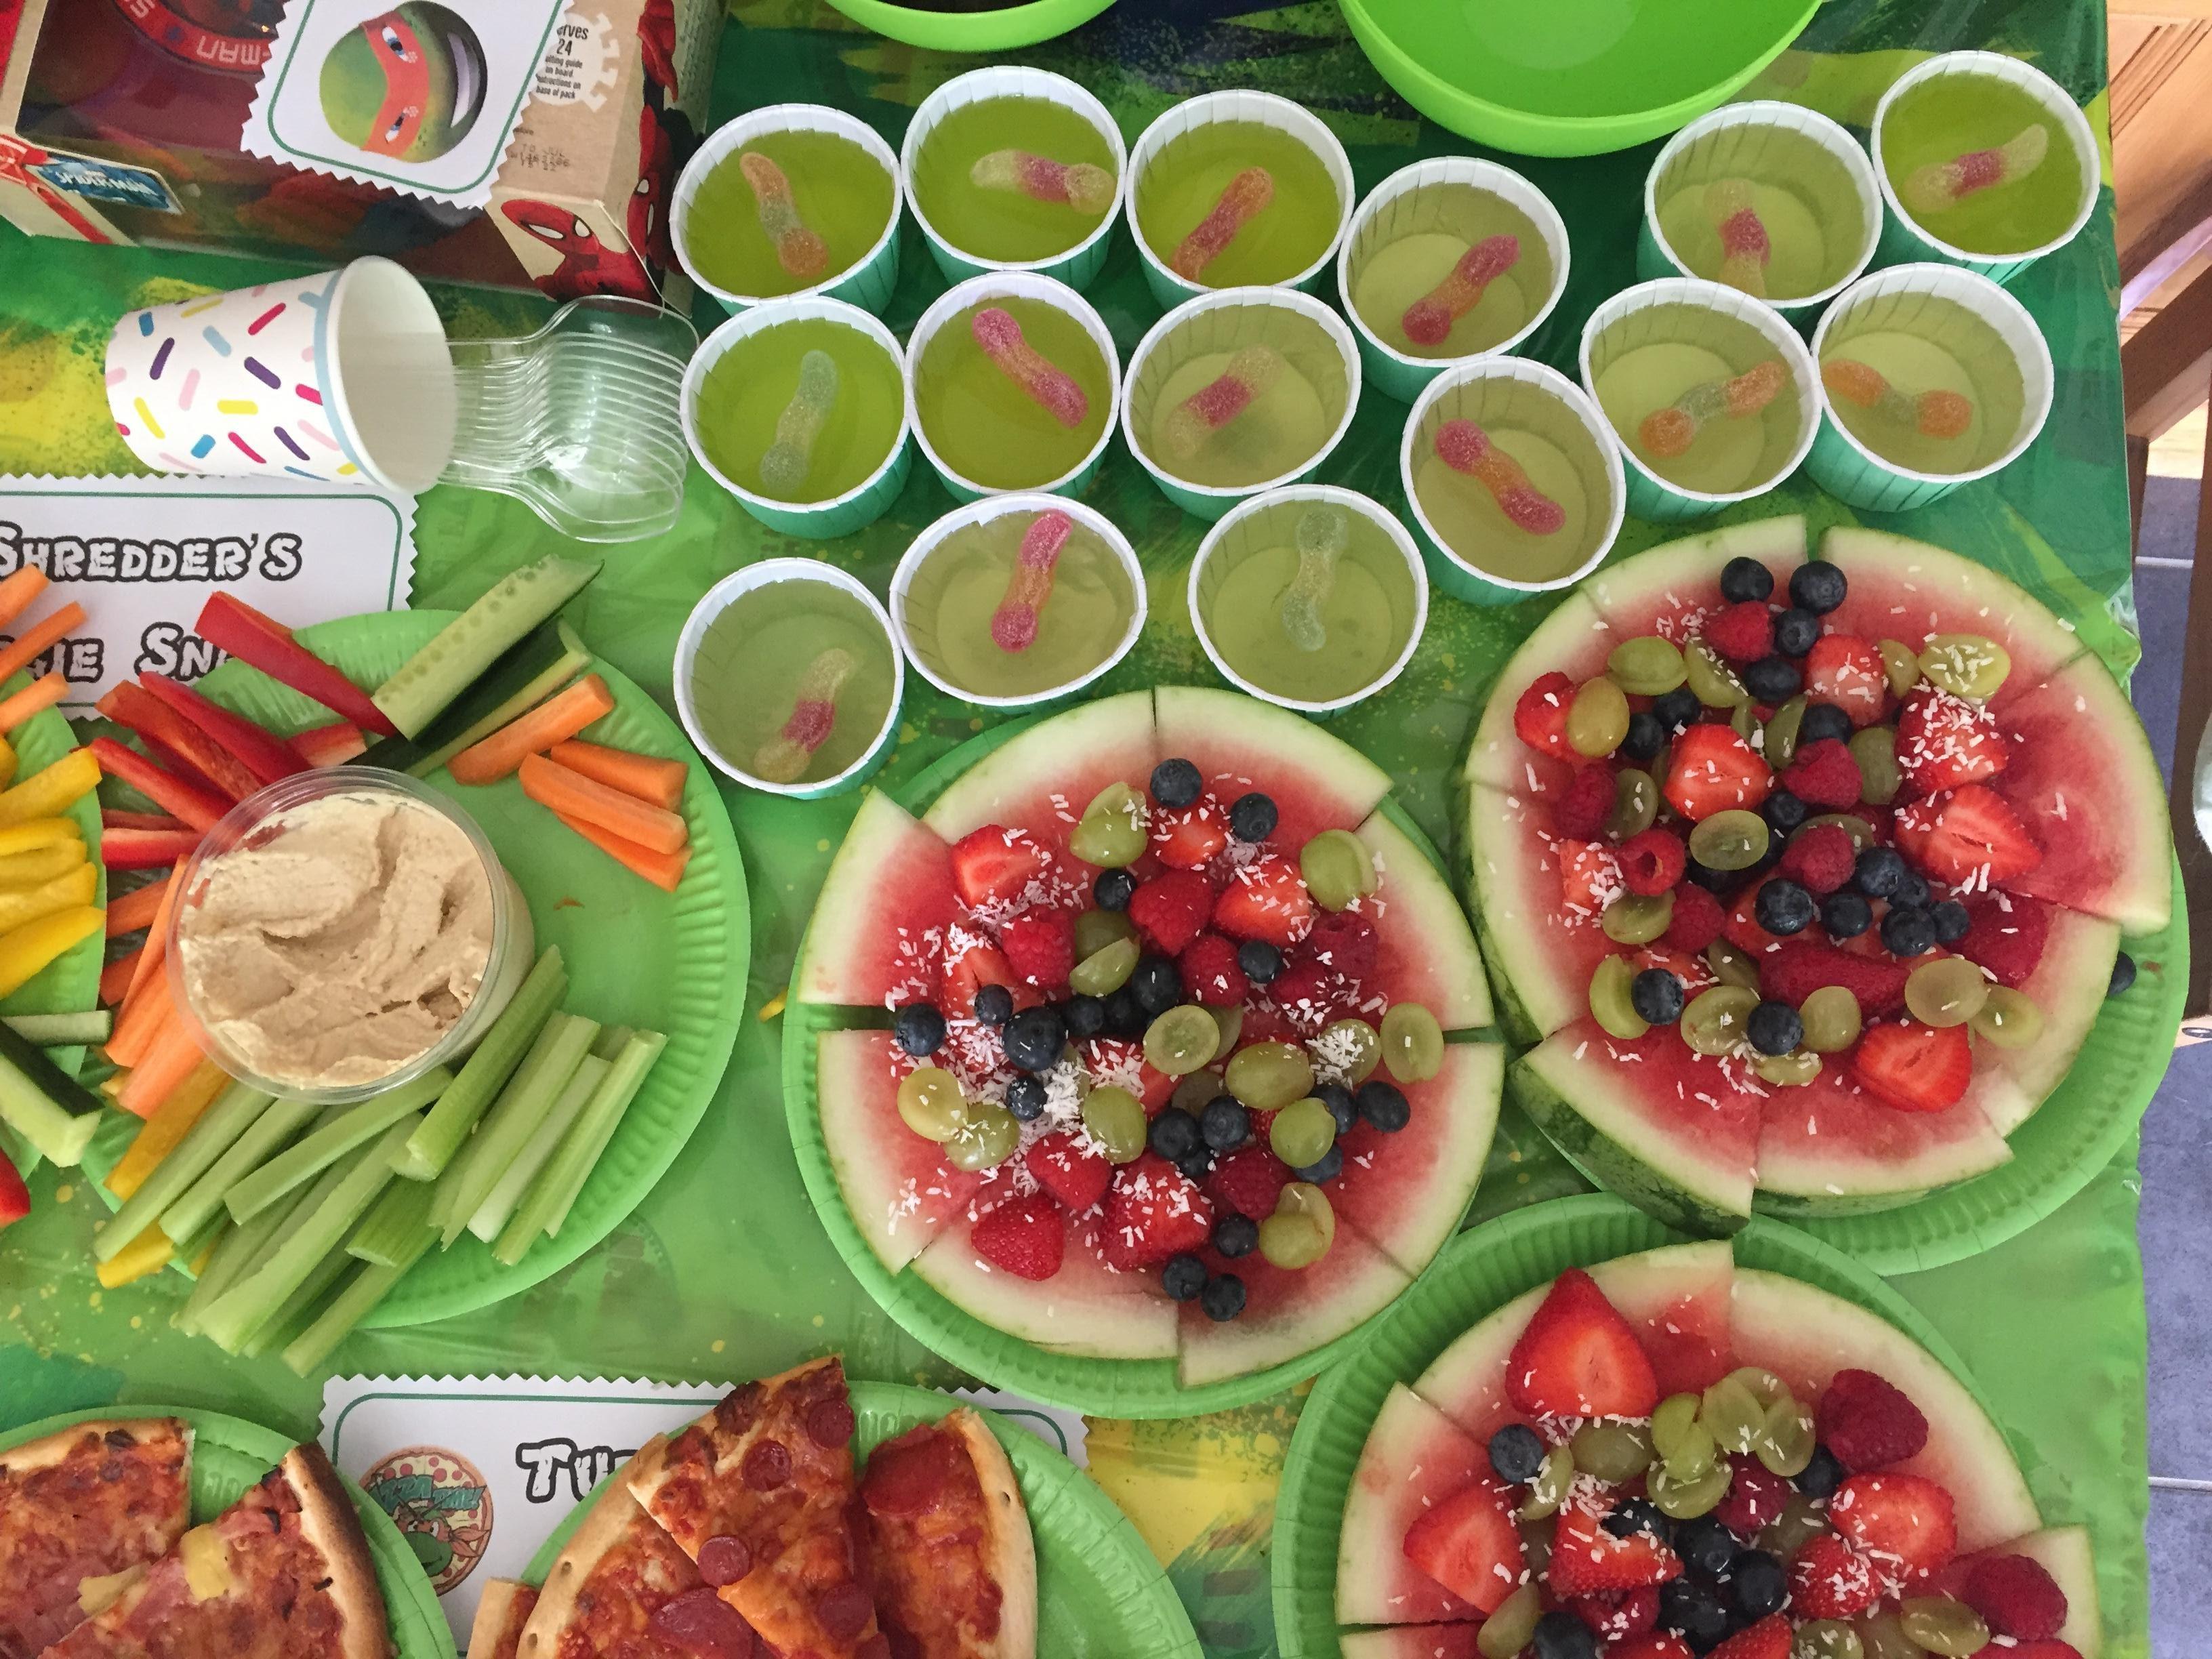 teenage mutant ninja turtles party theme food